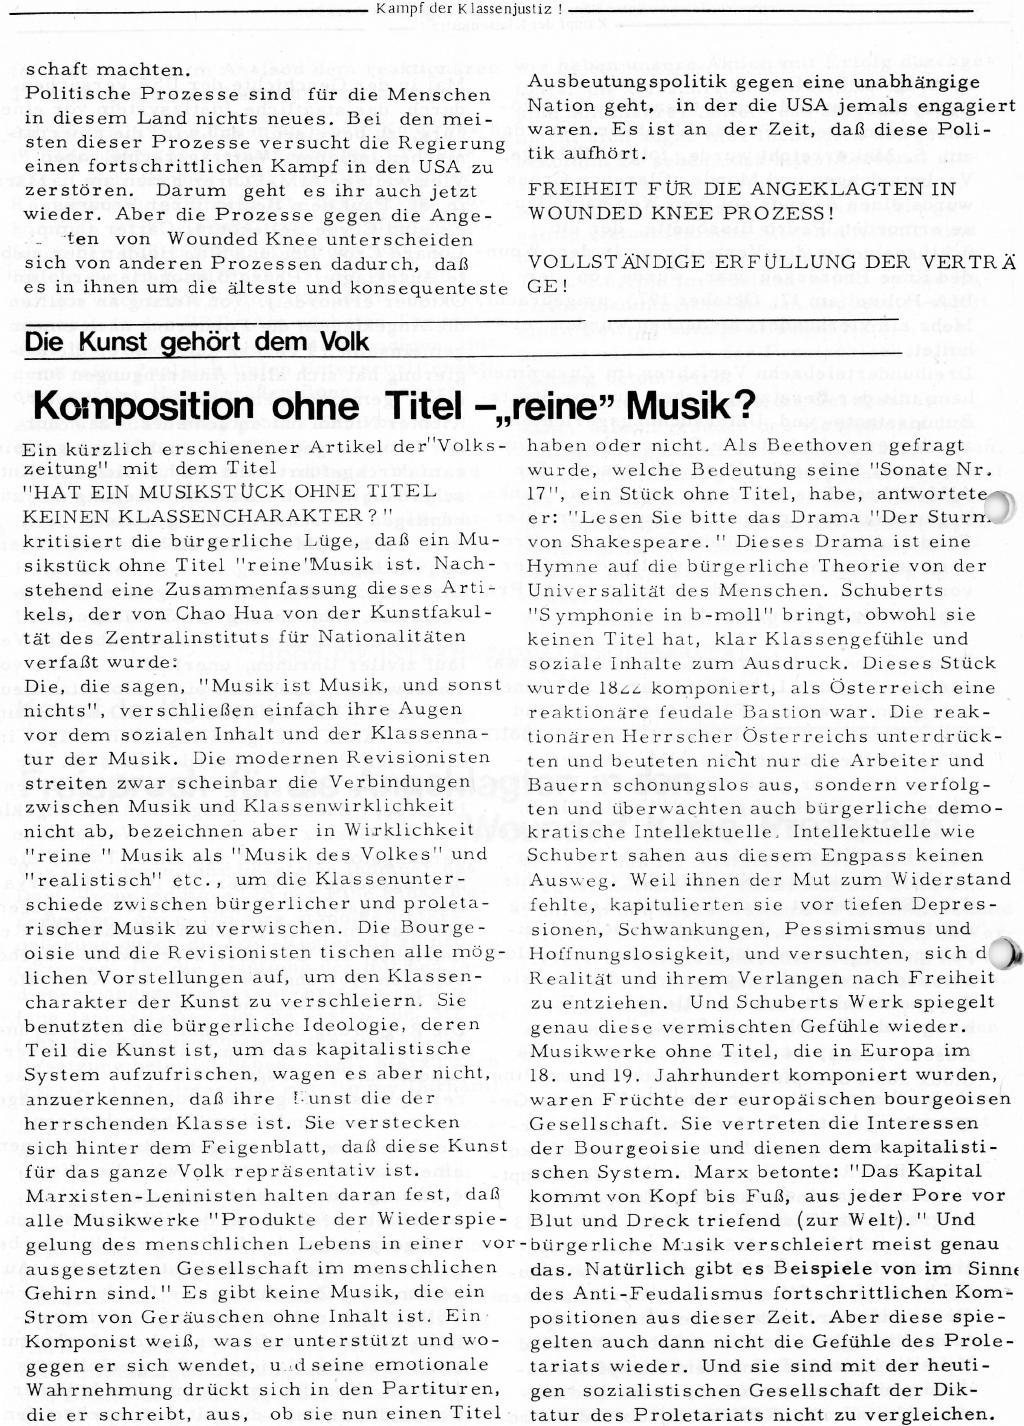 RPK_1974_05_18